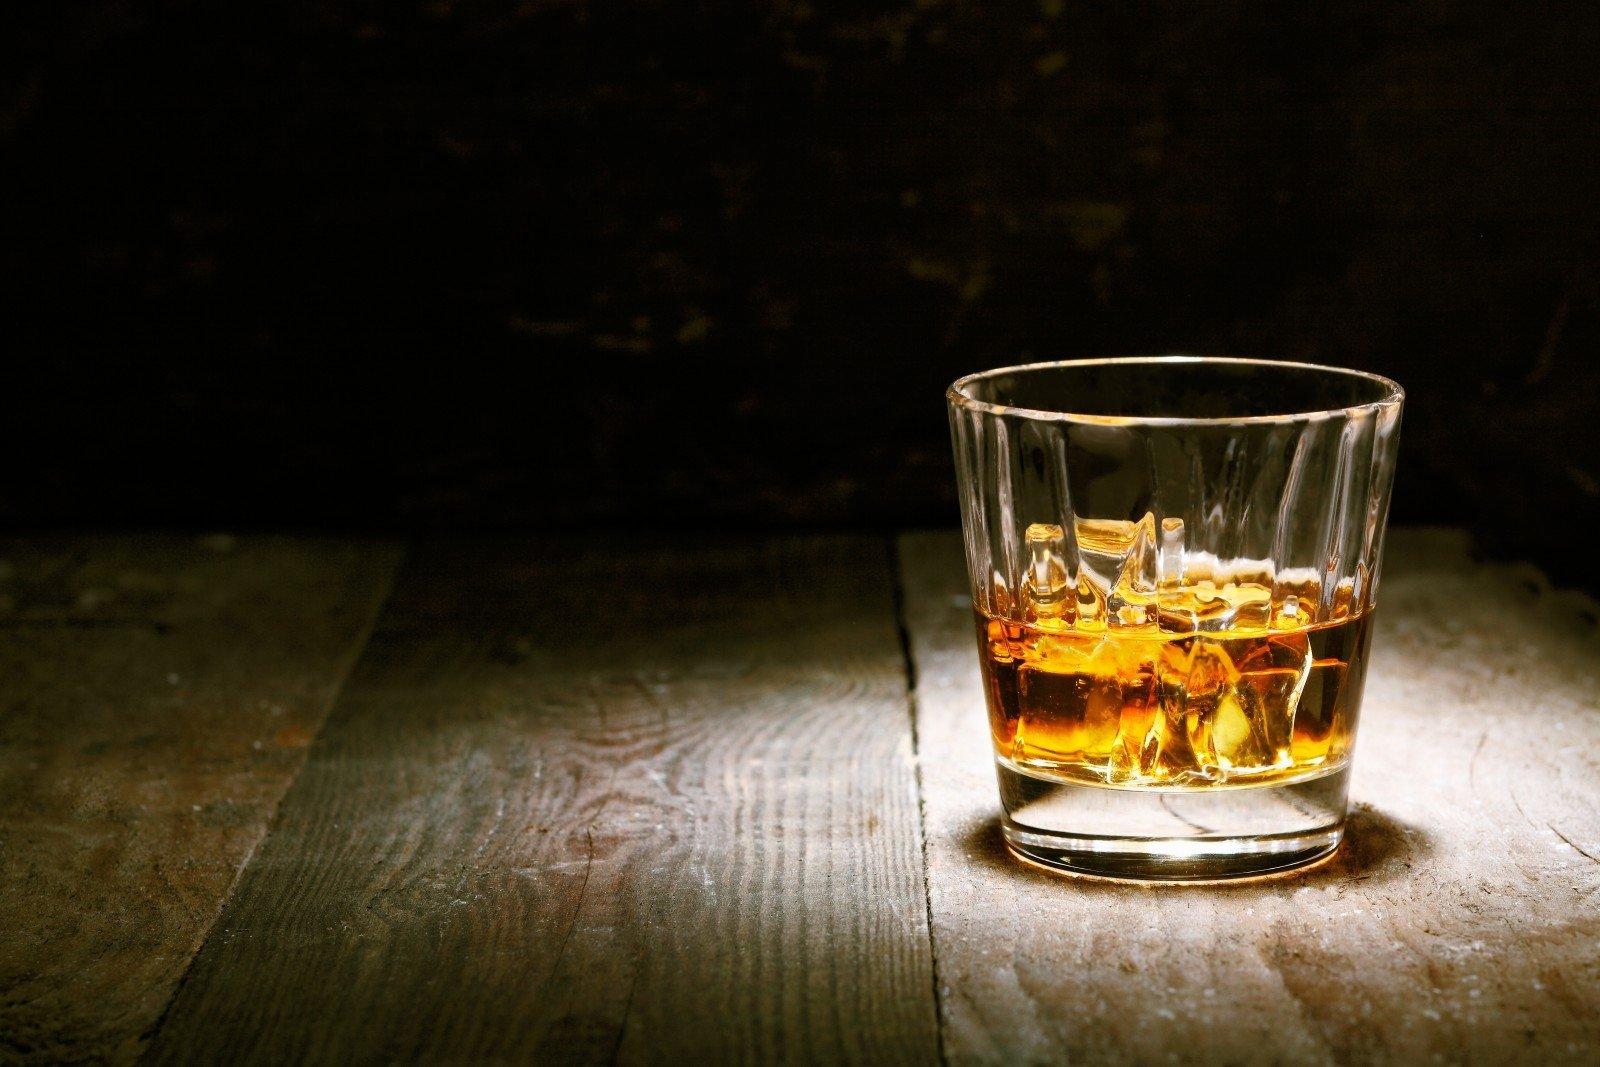 Kokie alkoholio pavojai tyko vasaros metu?